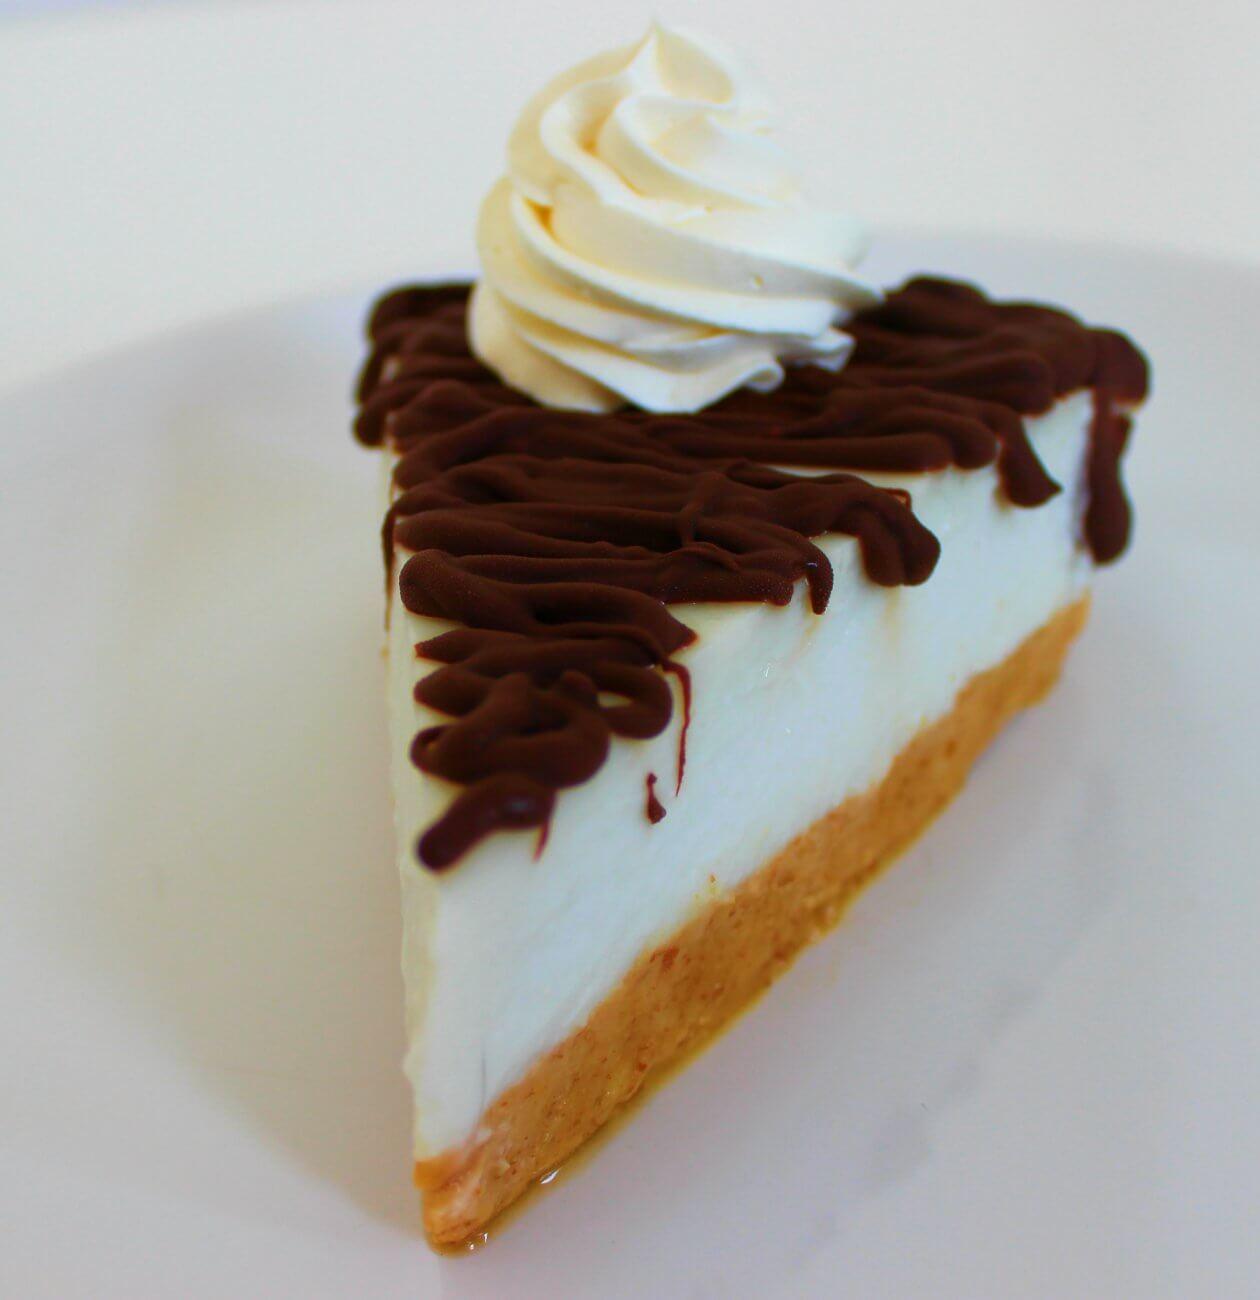 Cheesecake fresca al cocco